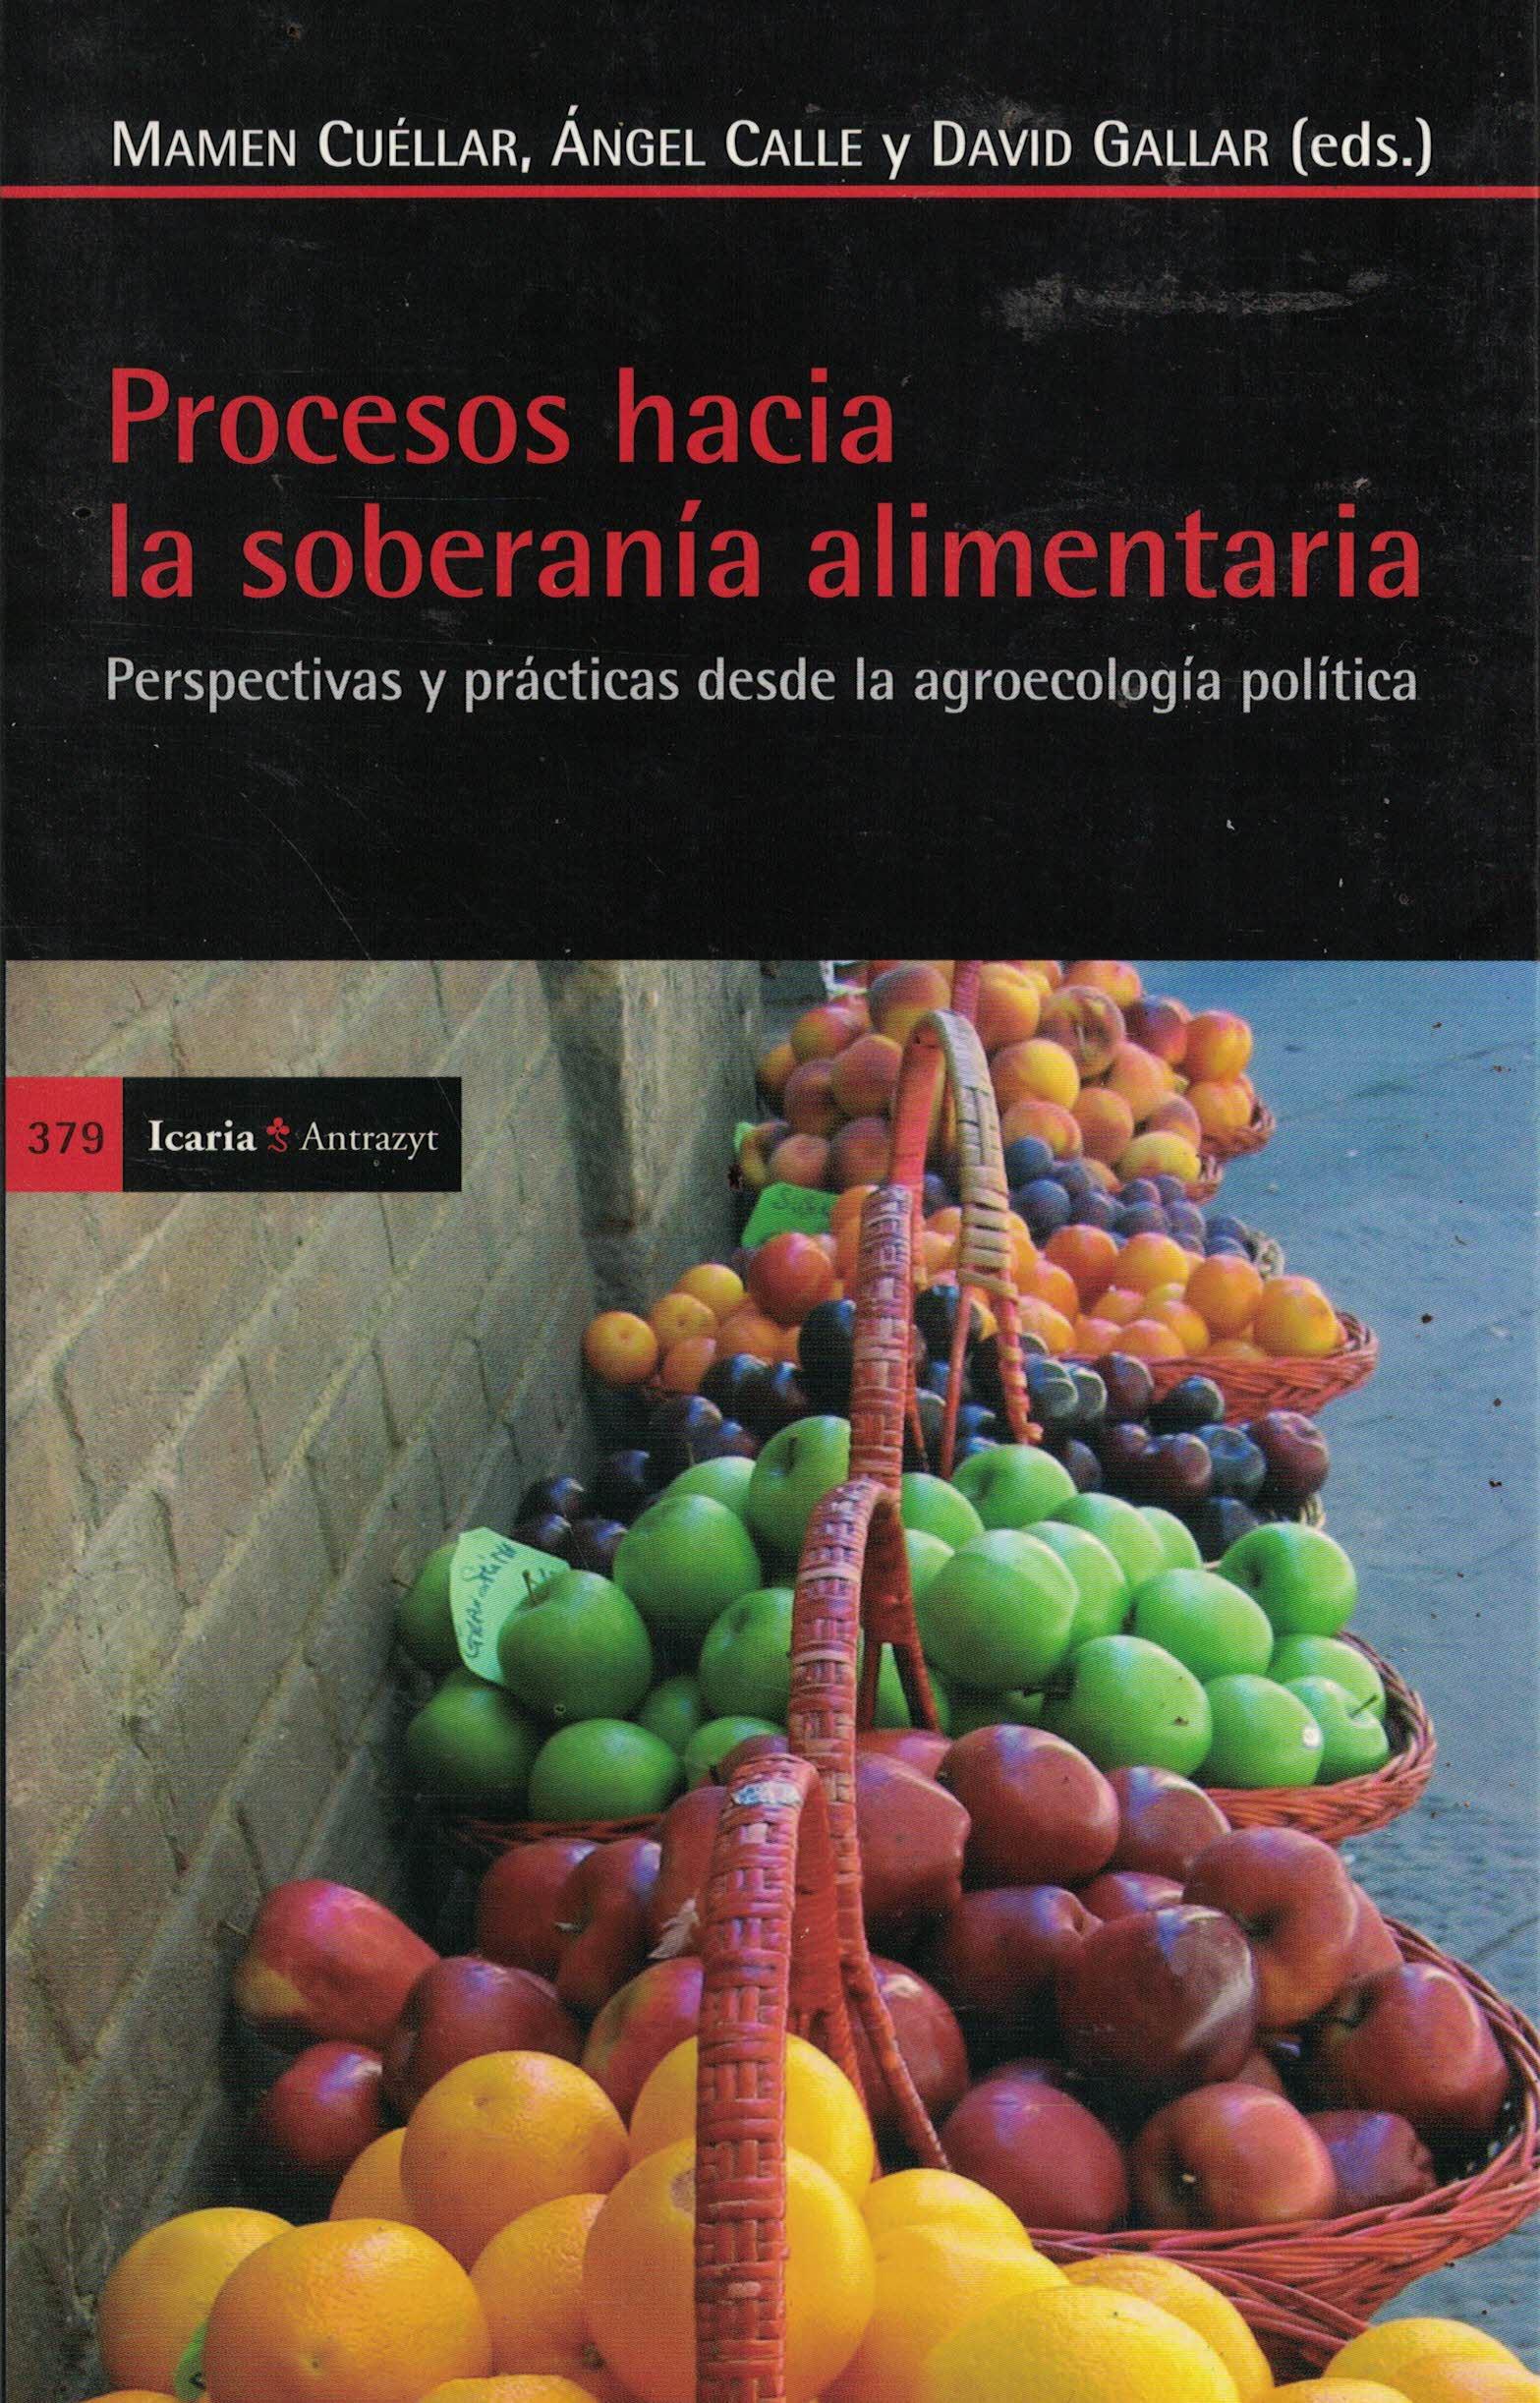 Procesos hacia la soberanía alimentaria «Perspectivas y prácticas desde la agroecología política»